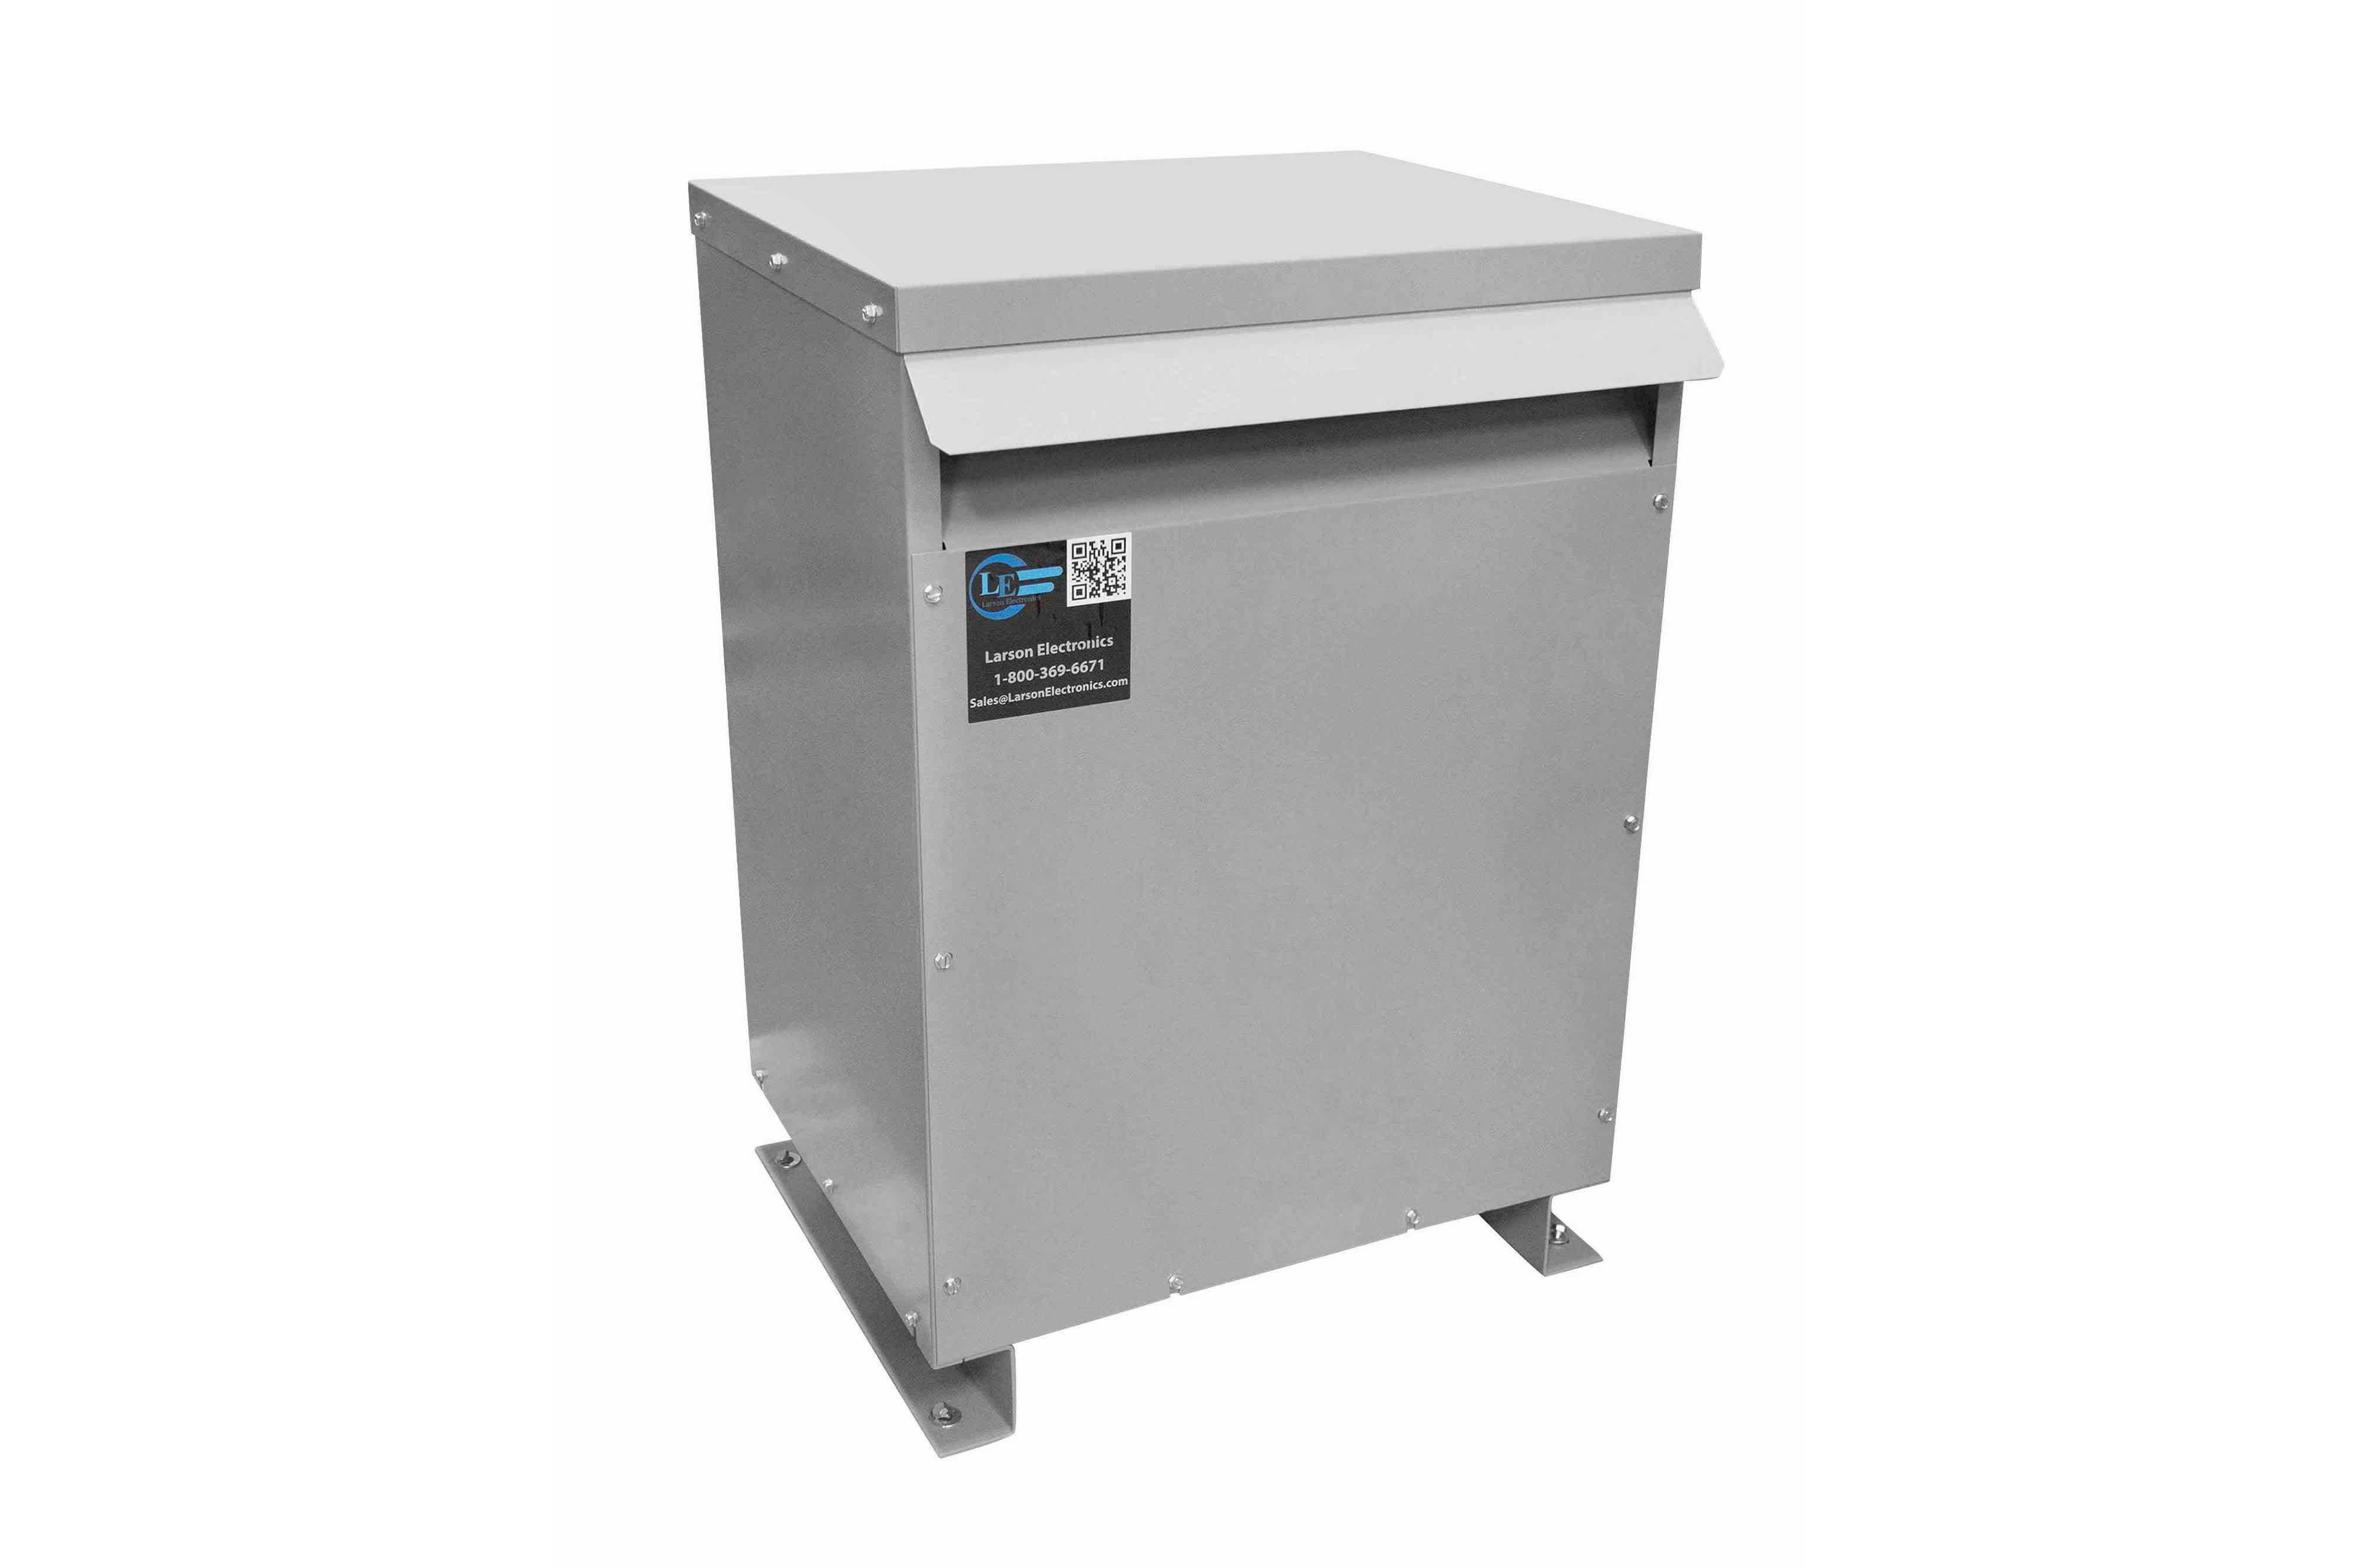 37.5 kVA 3PH Isolation Transformer, 575V Delta Primary, 400V Delta Secondary, N3R, Ventilated, 60 Hz